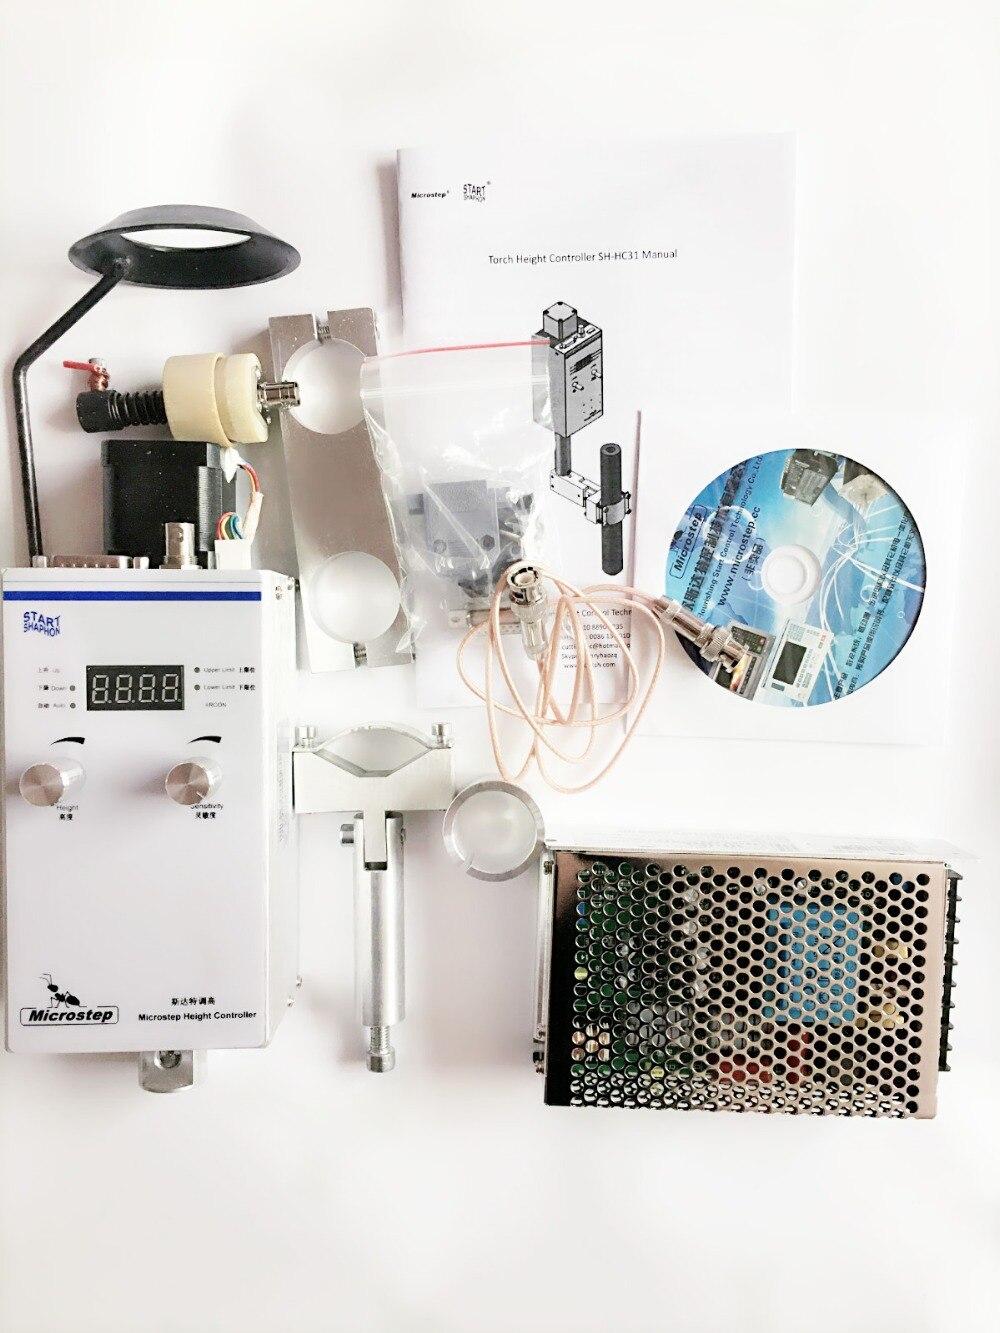 Nova versão automática de arco e tampa tensão plasma tocha controlador altura para cnc máquina corte cortador plasma thc SH-HC31